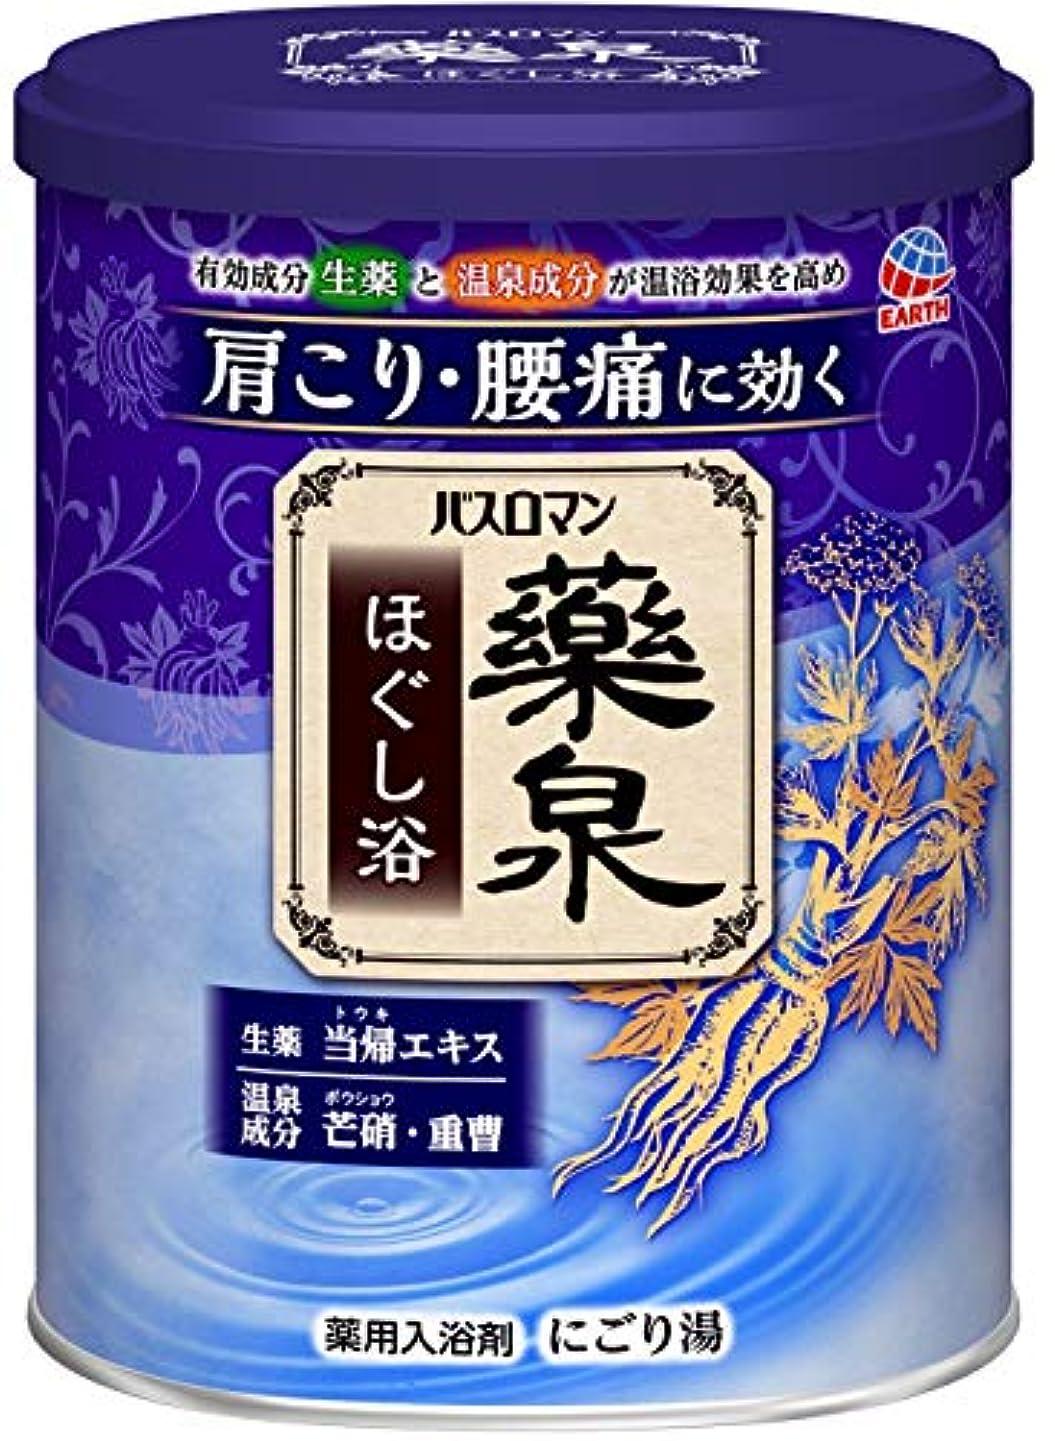 嫌なお風呂事故【医薬部外品】バスロマン薬泉 入浴剤 ほぐし浴 [750g]